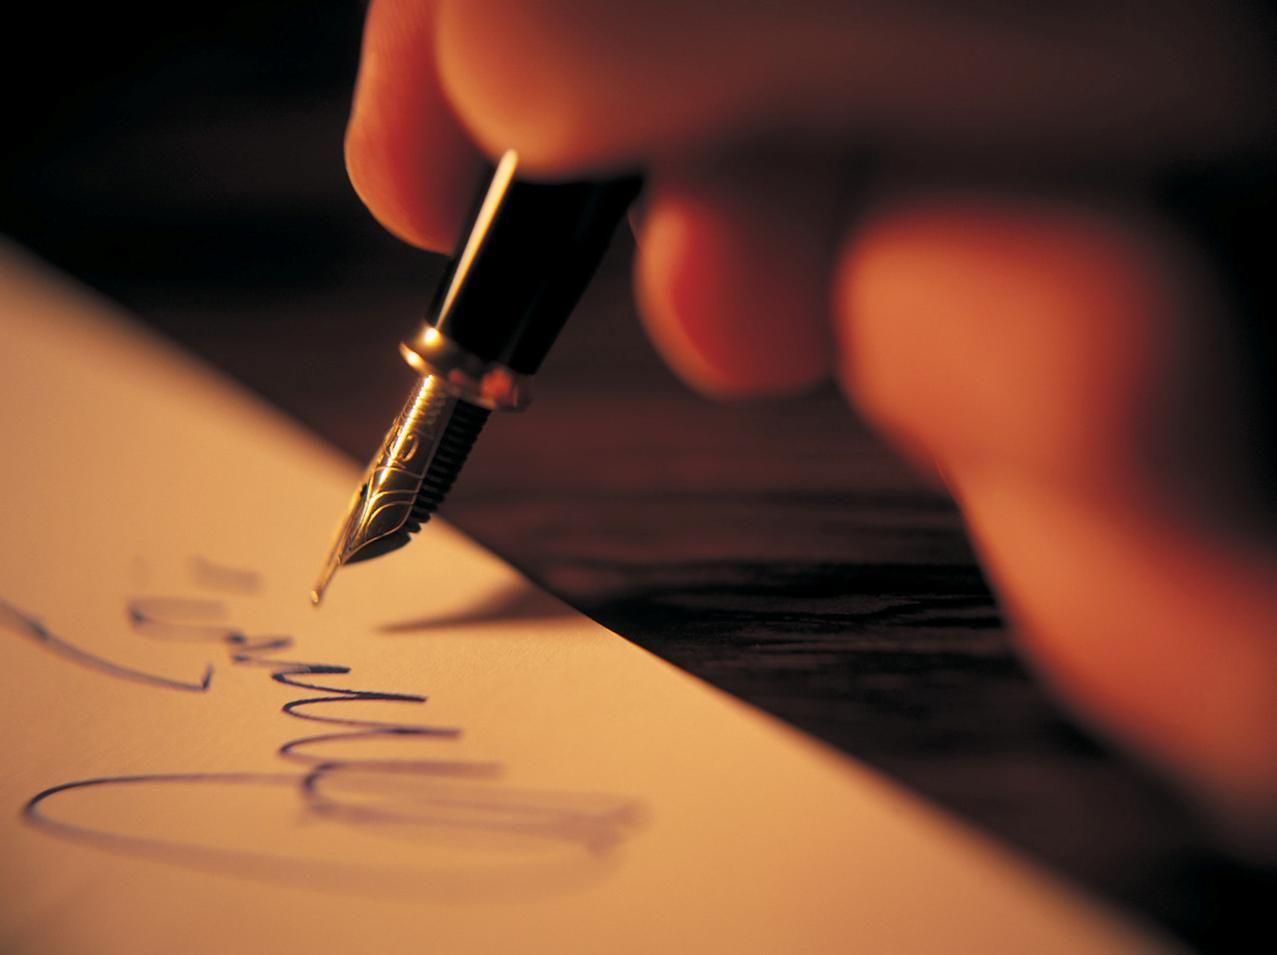 Письмо на бумаге или клавиатура компьютера?